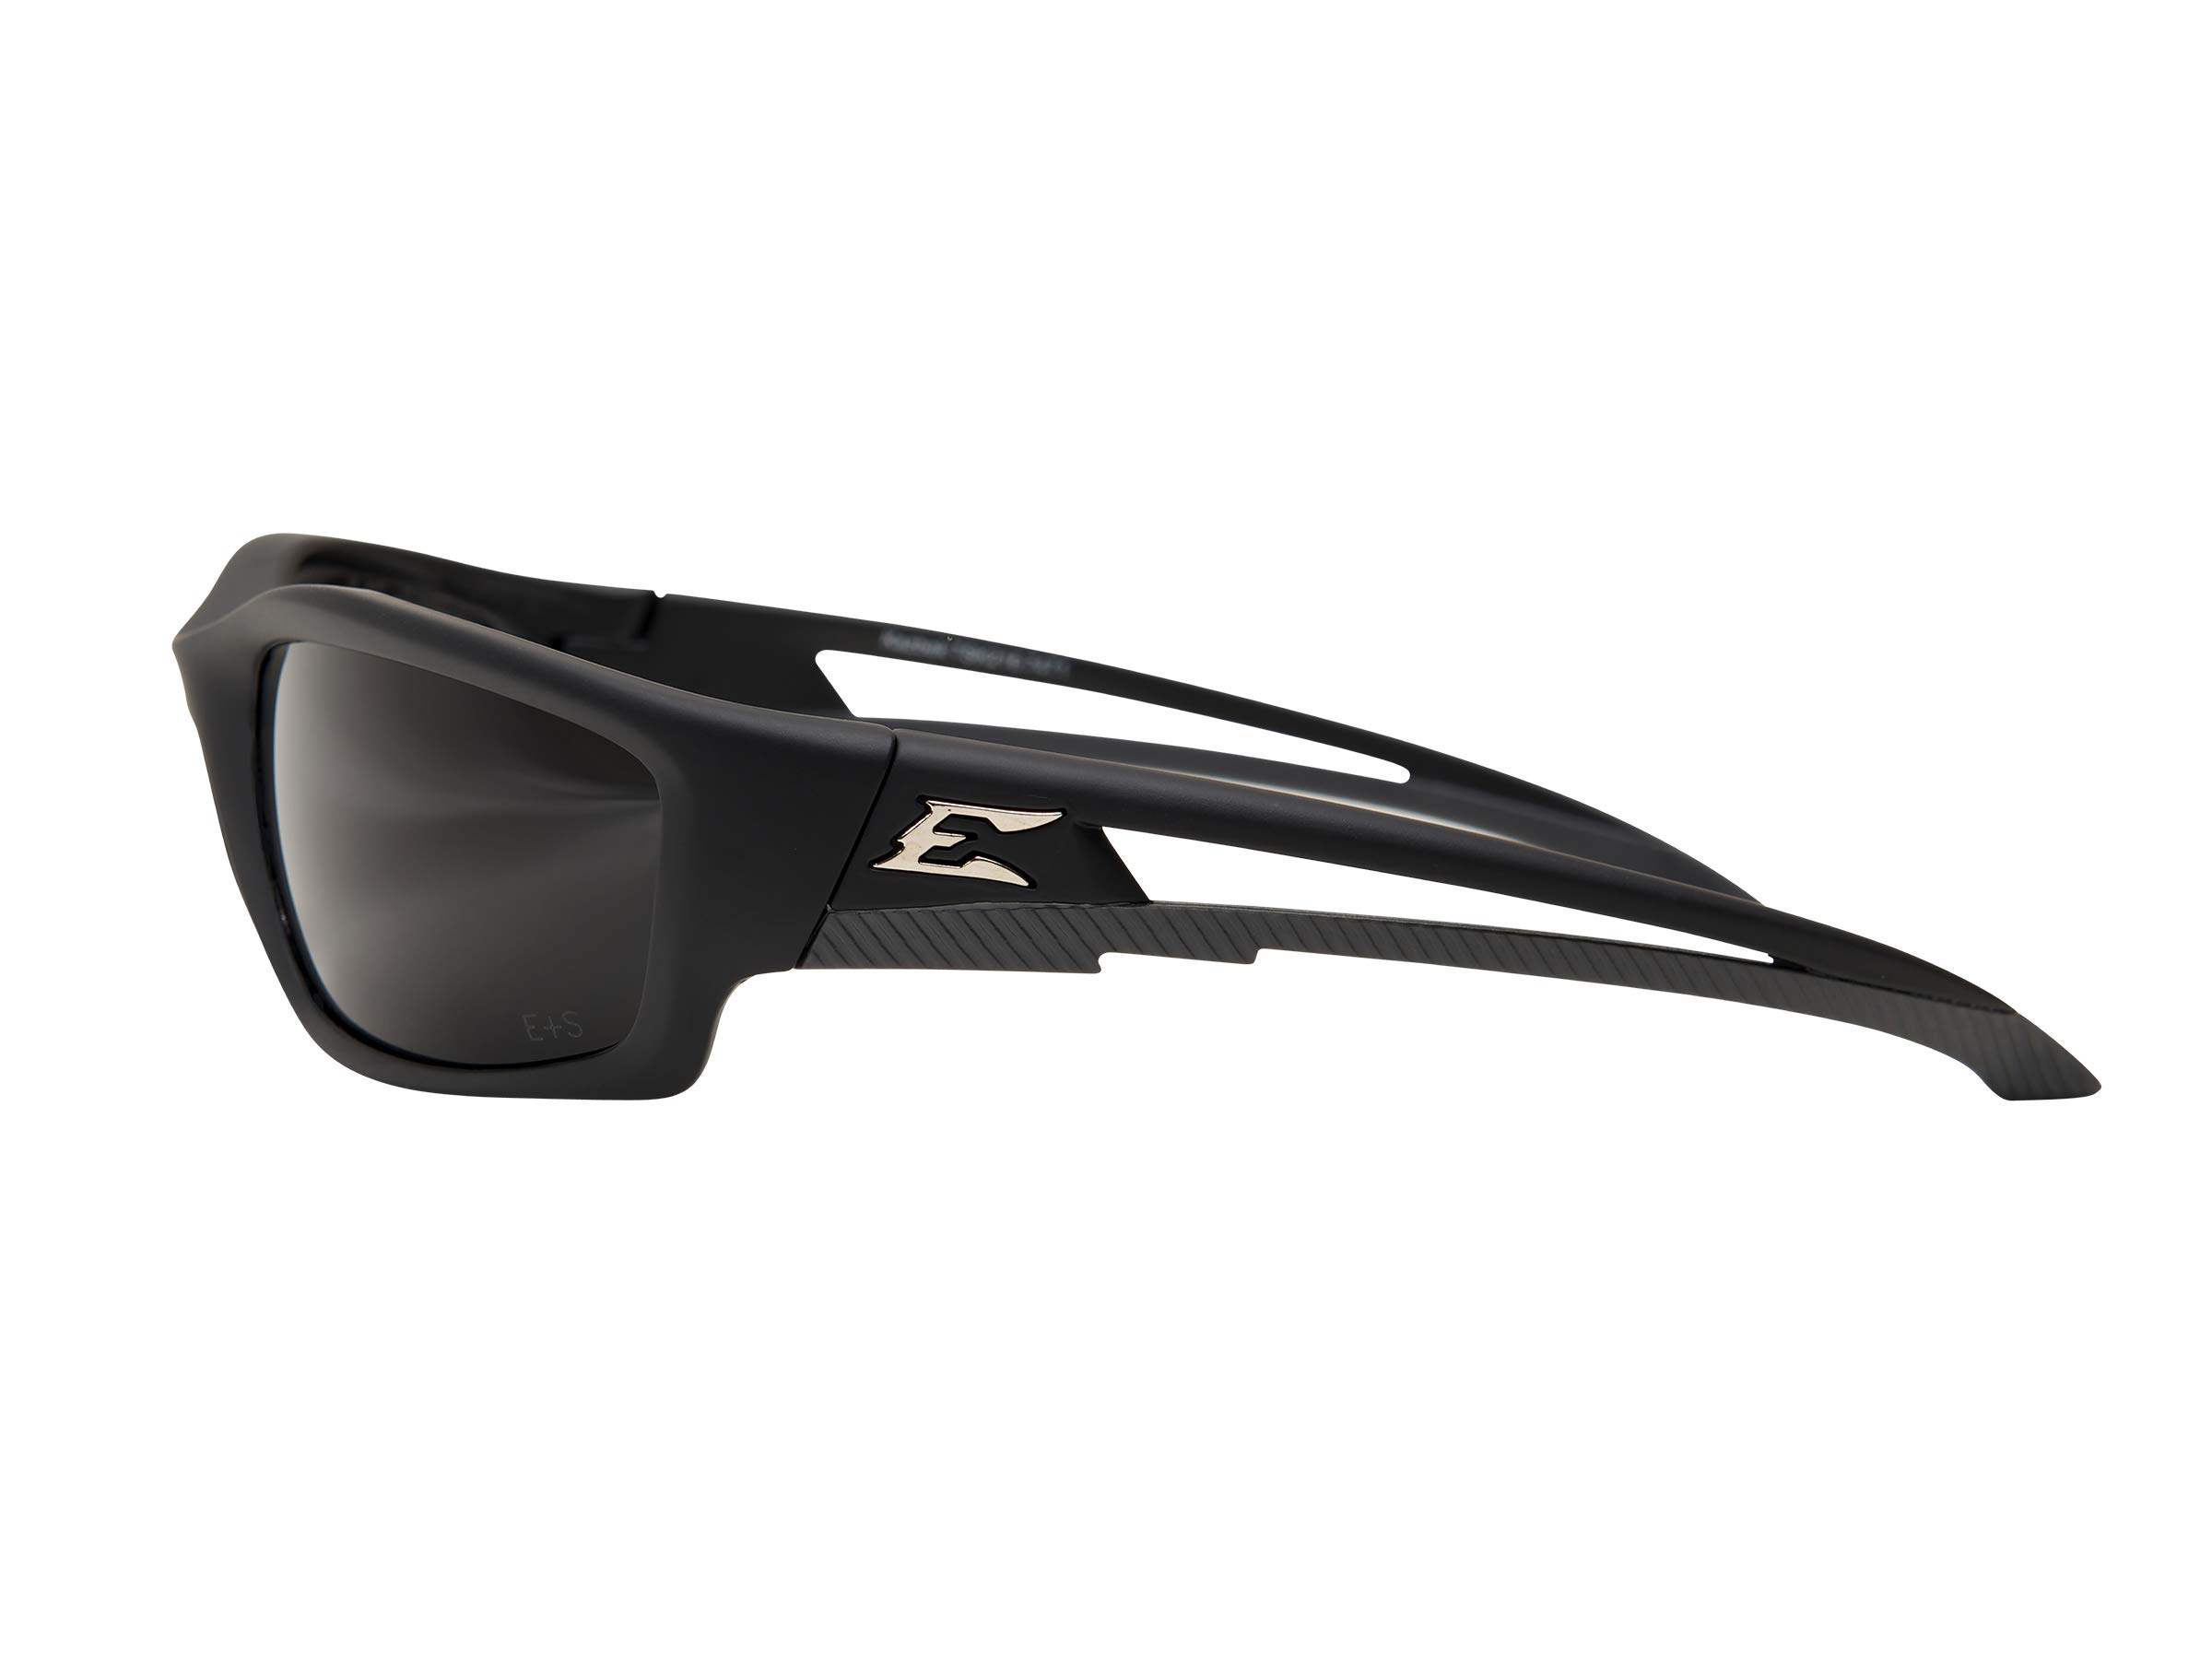 Edge Eyewear TSK216 Kazbek Polarized Safety Glasses, Black with Smoke Lens by Edge Eyewear